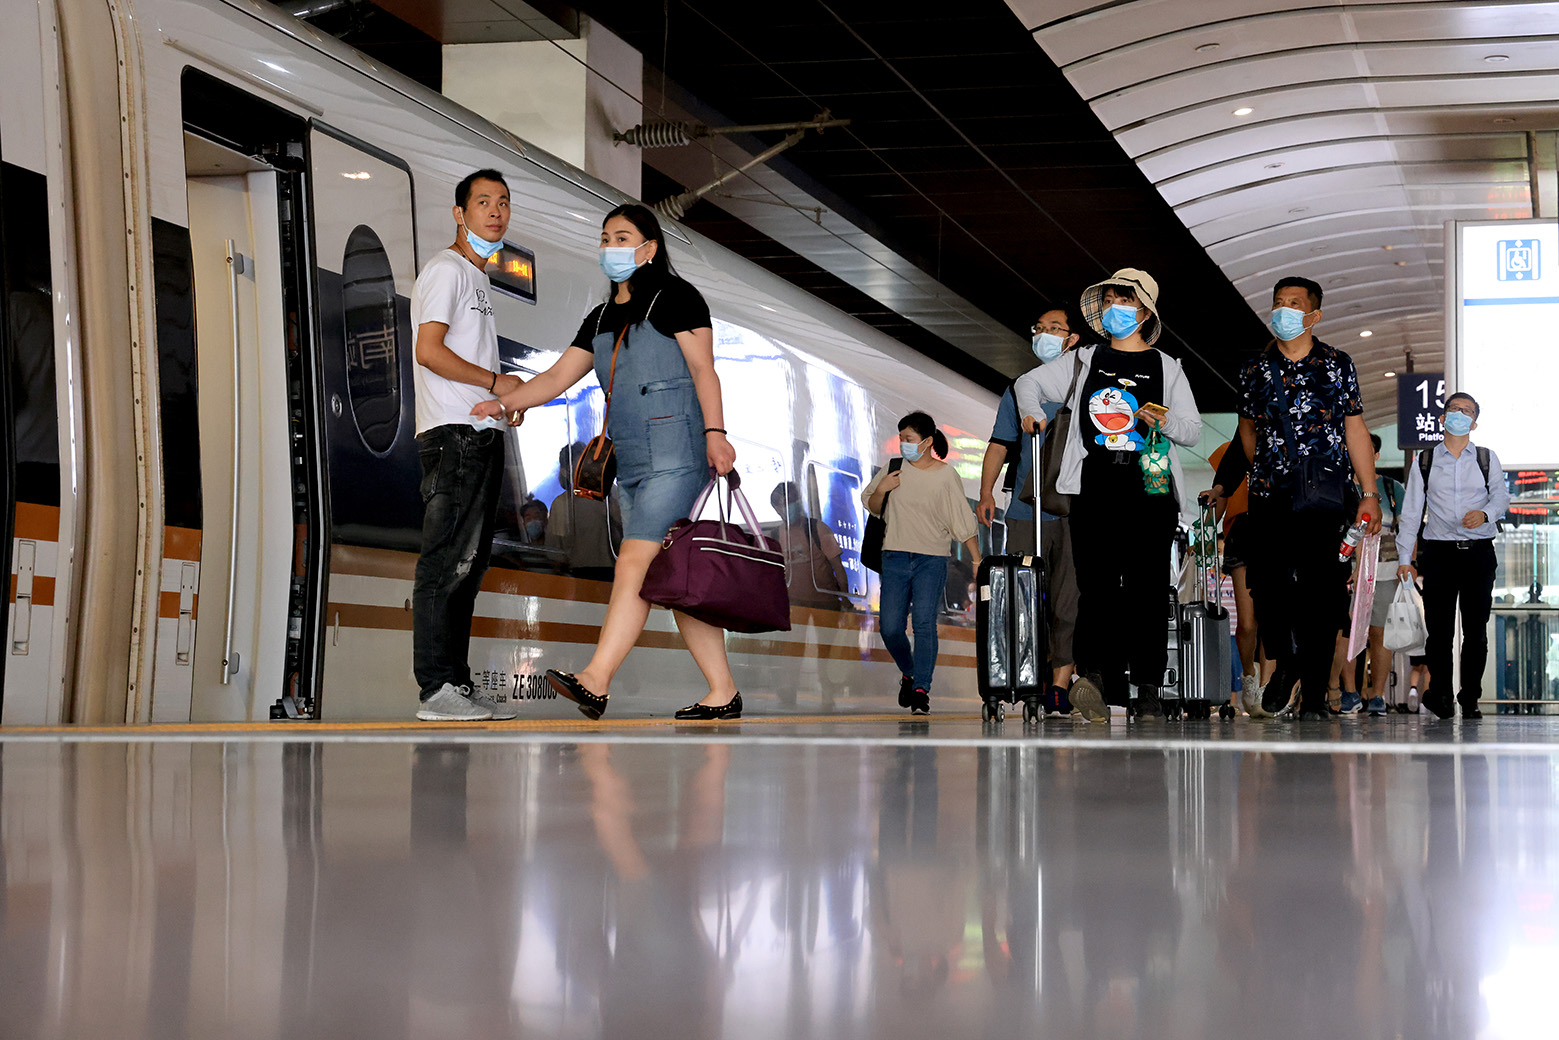 自信出行。2020年8月,北京南站。侯贺良摄影 (1).JPG